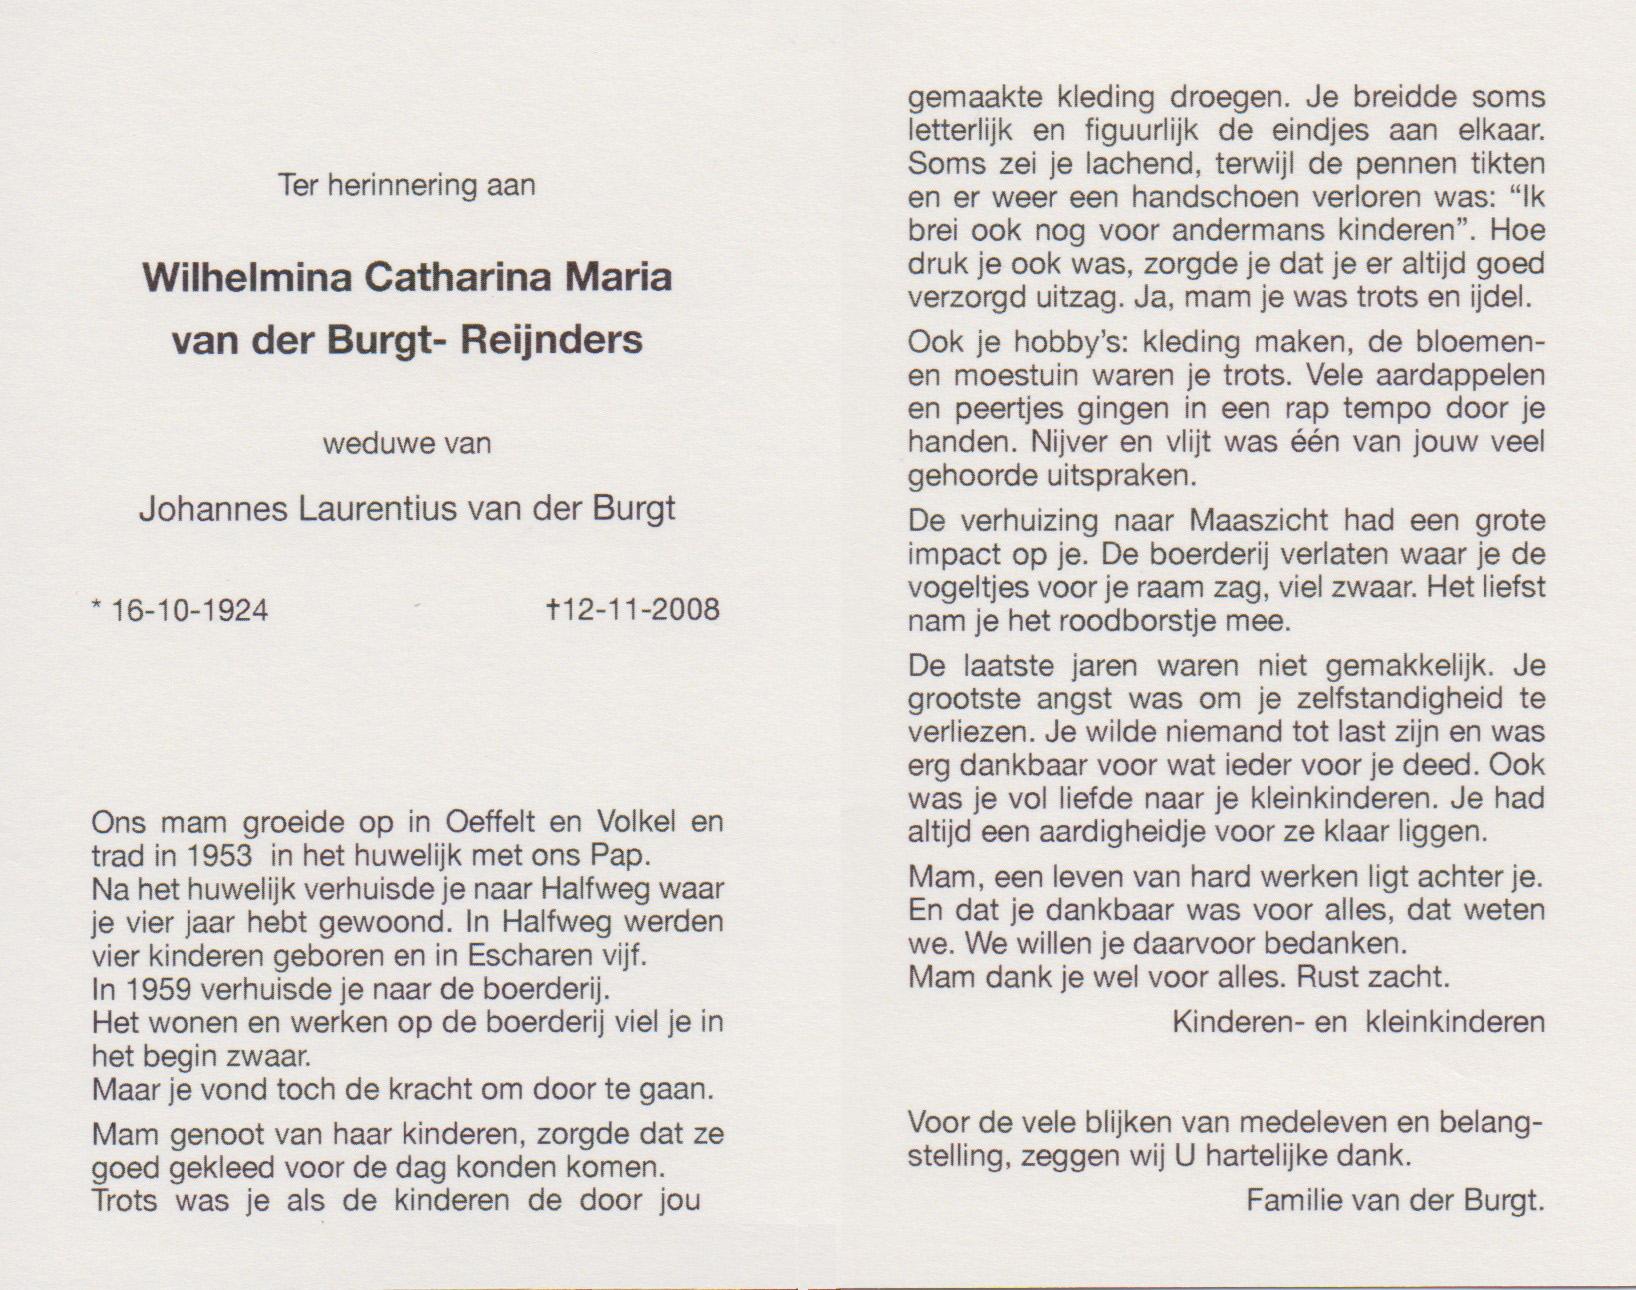 Bidprentje Wilma Catharina MariaReijnders